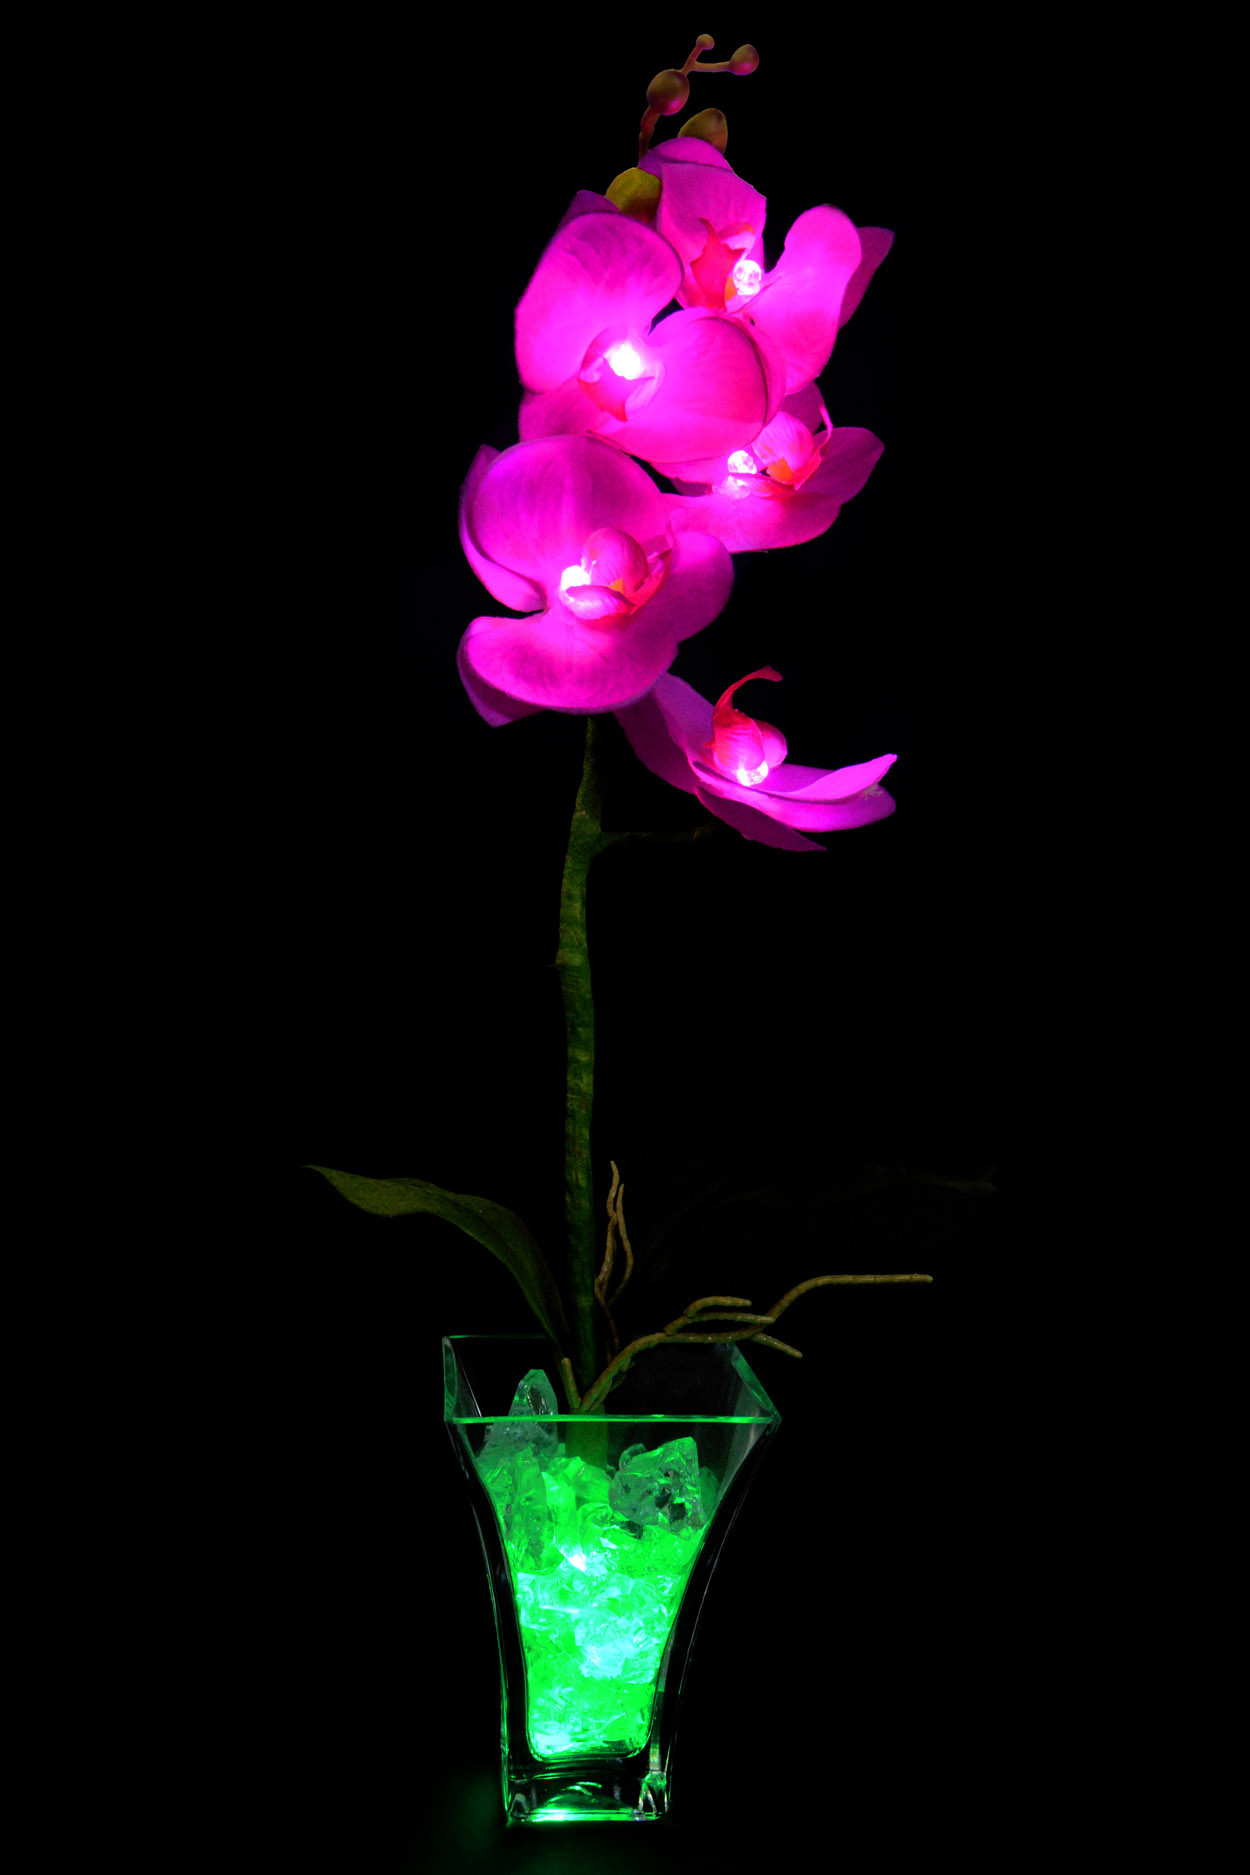 Светильник Орхидея фиолетовая (зел) 5 цветков